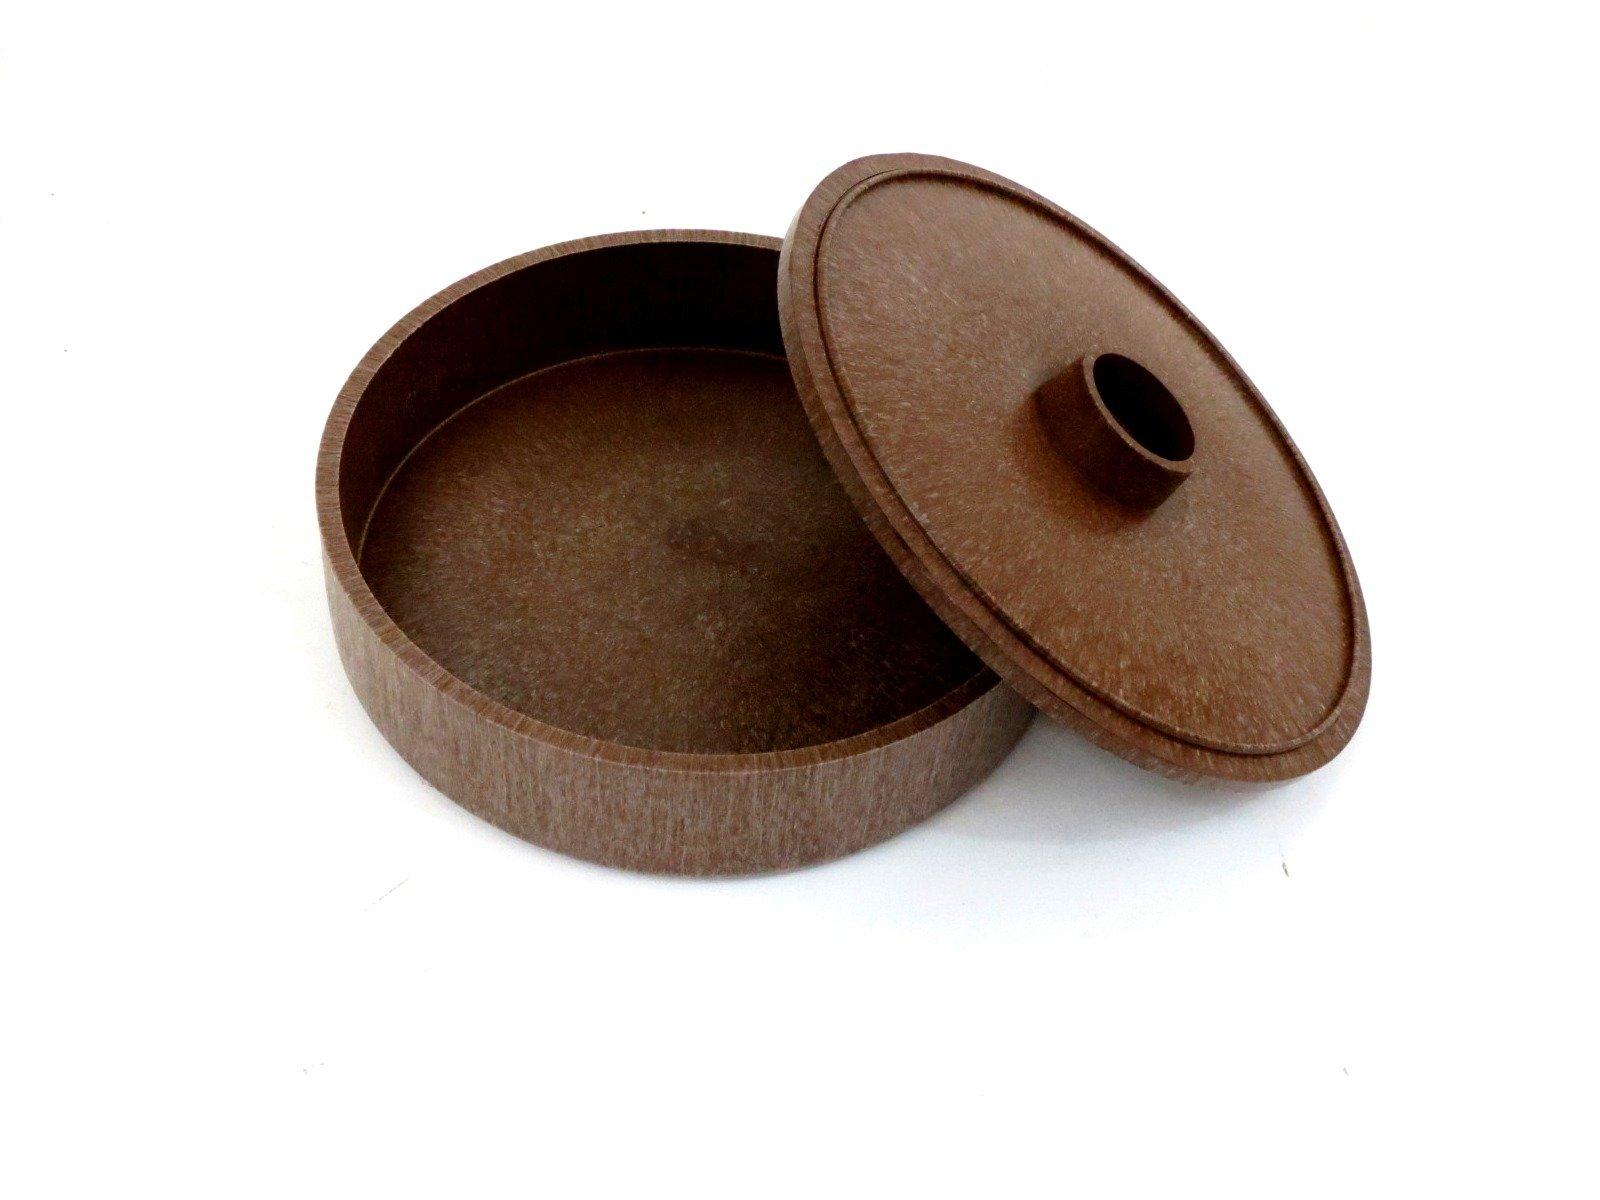 Leos Imports (TM) Mexican Tortilla Warmer (Regular (1/2 Kilo))